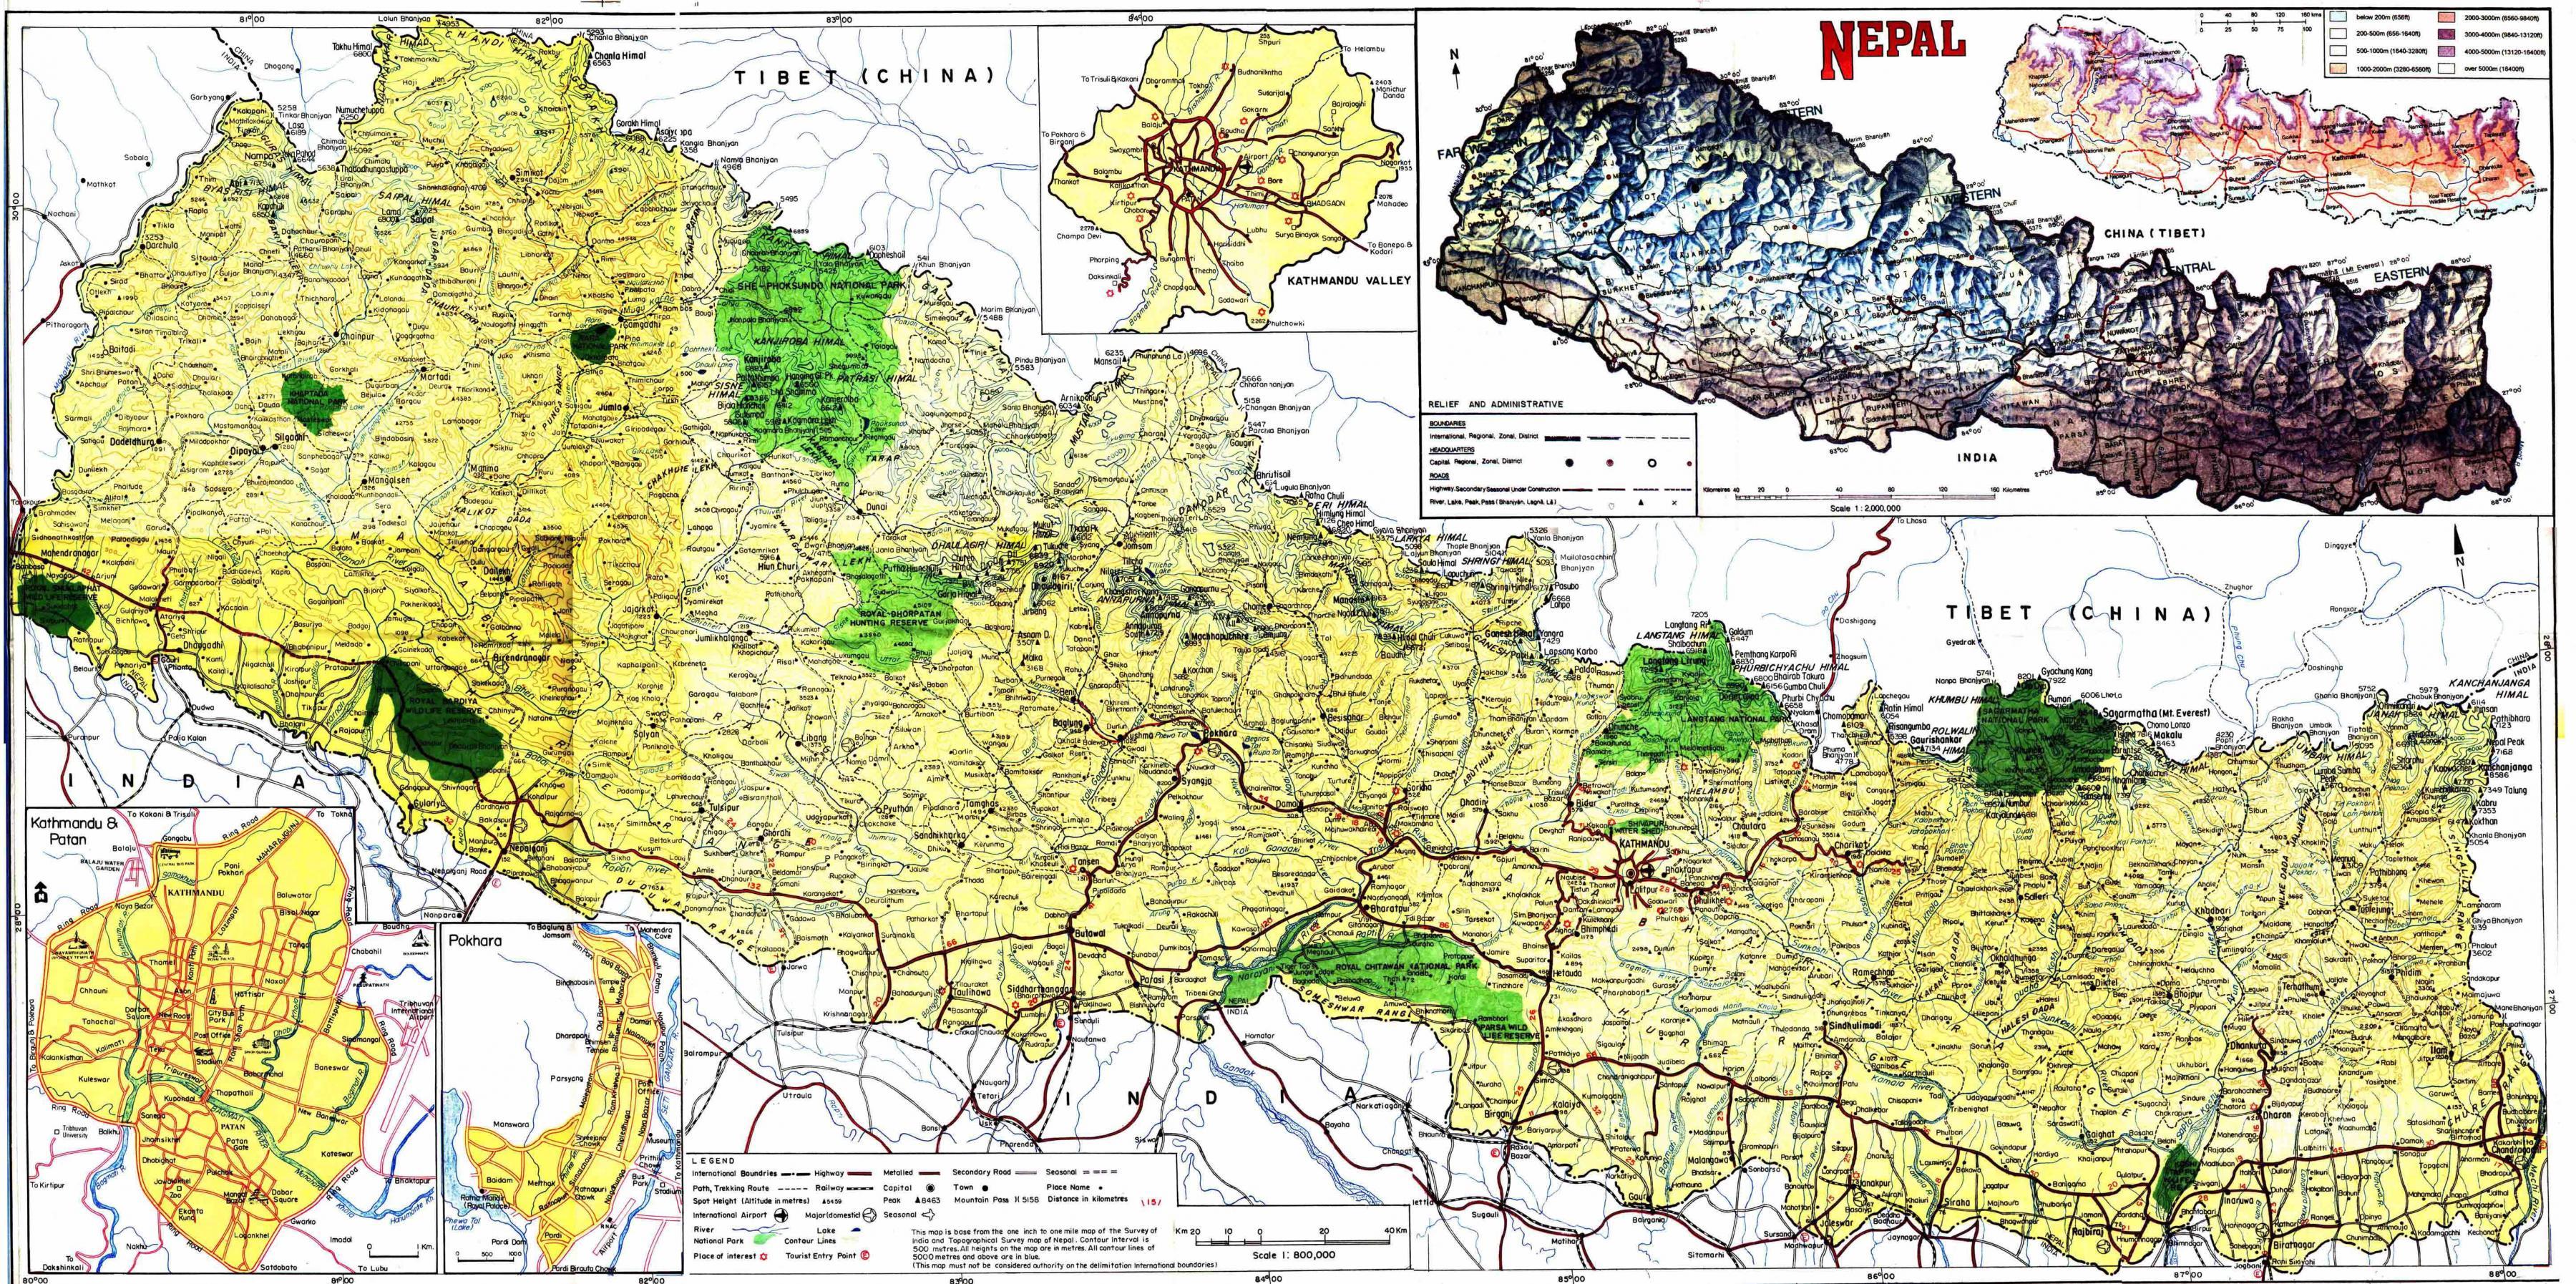 Karta Och Avstand.Nepal Karta Road Road Karta Over Nepal Med Avstandet Sodra Asien